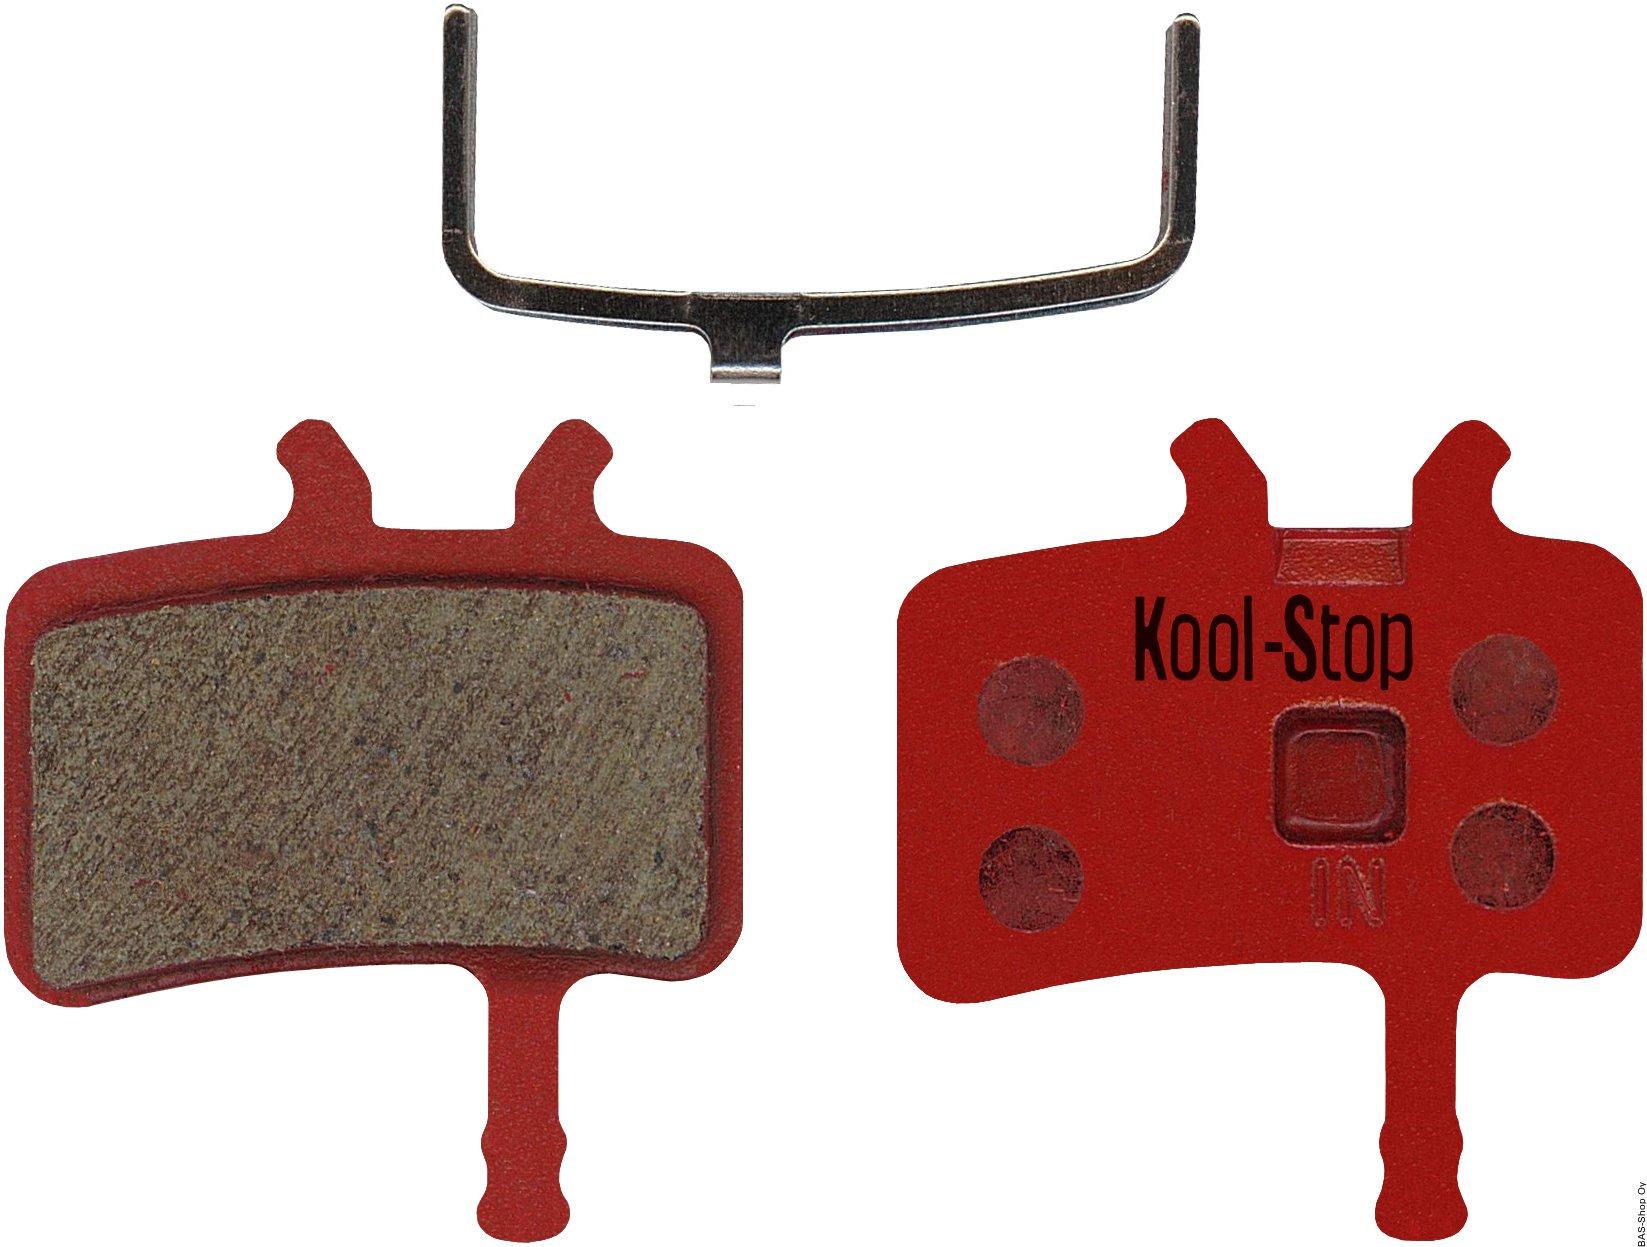 Kool-Stop KS-D270 Avid Juicy levyjarrupalat